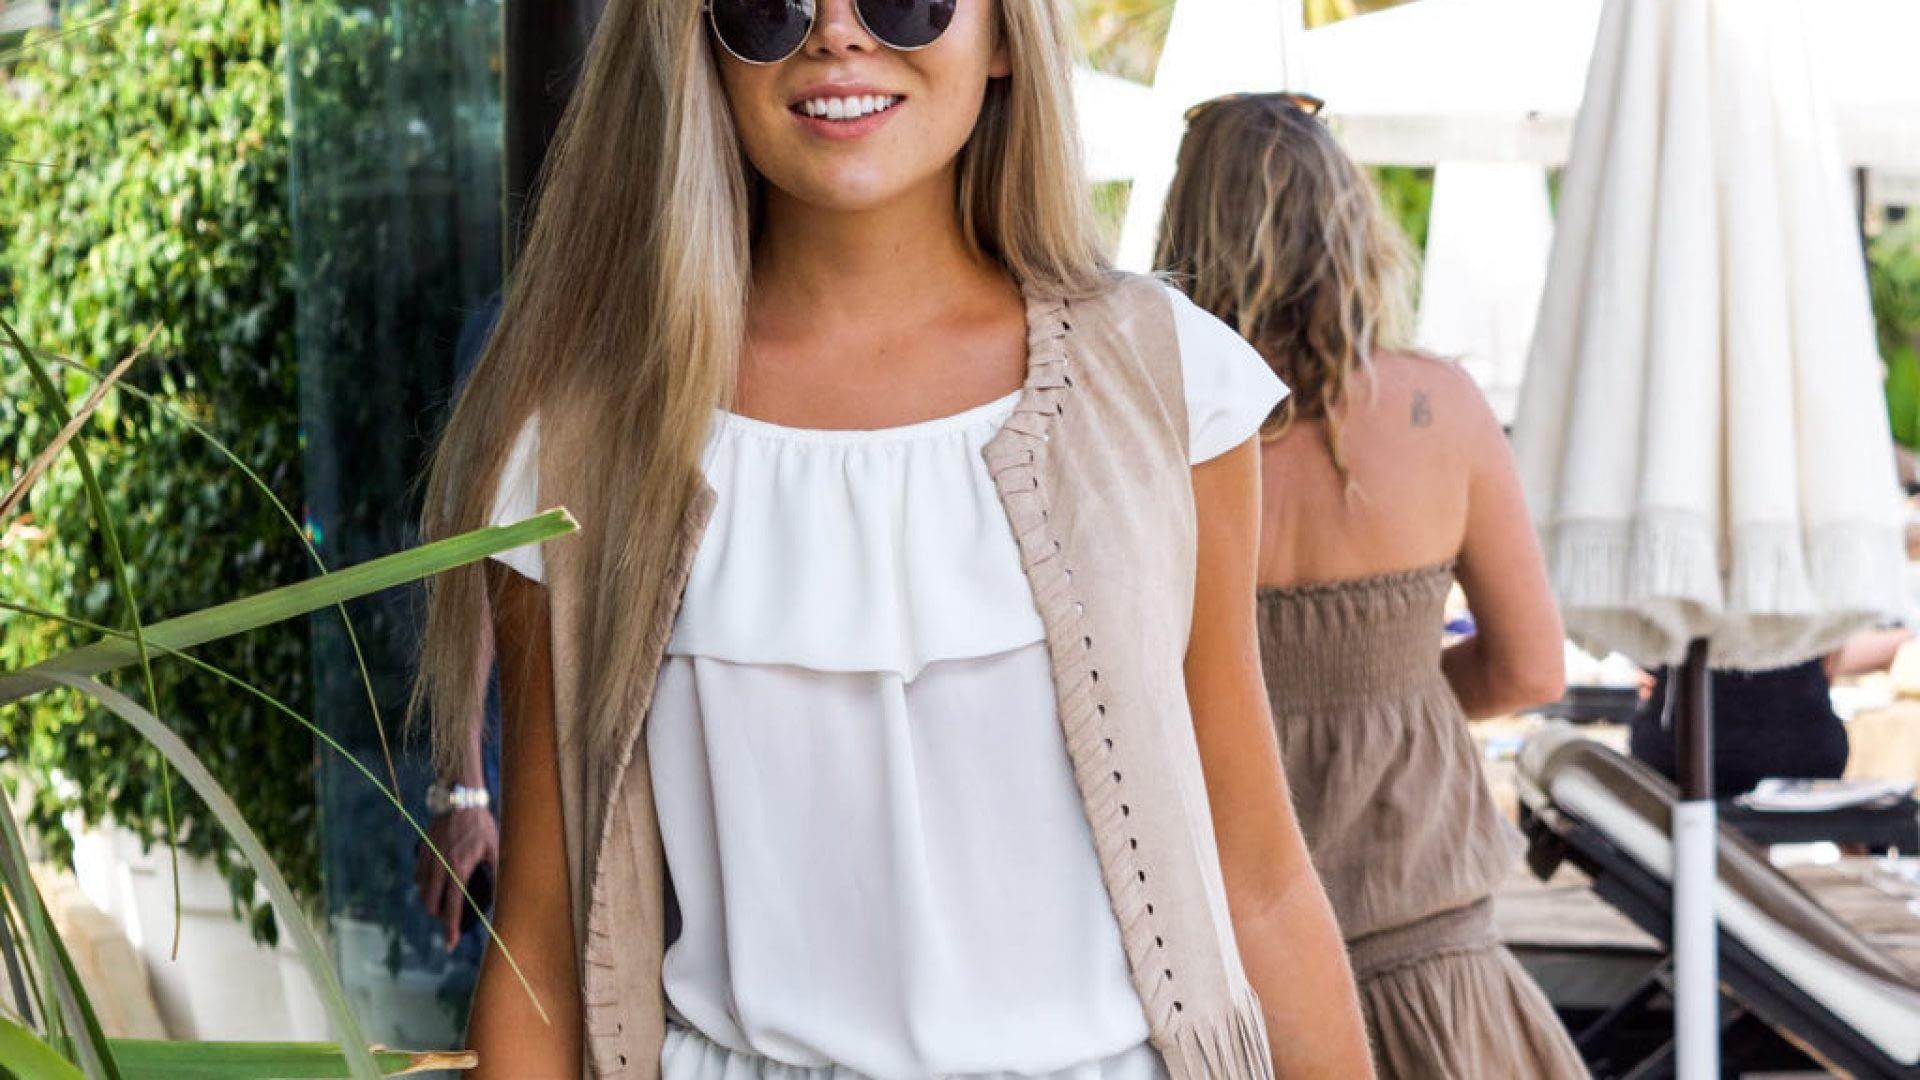 Var med & skapa en Fashionshow i Marbella